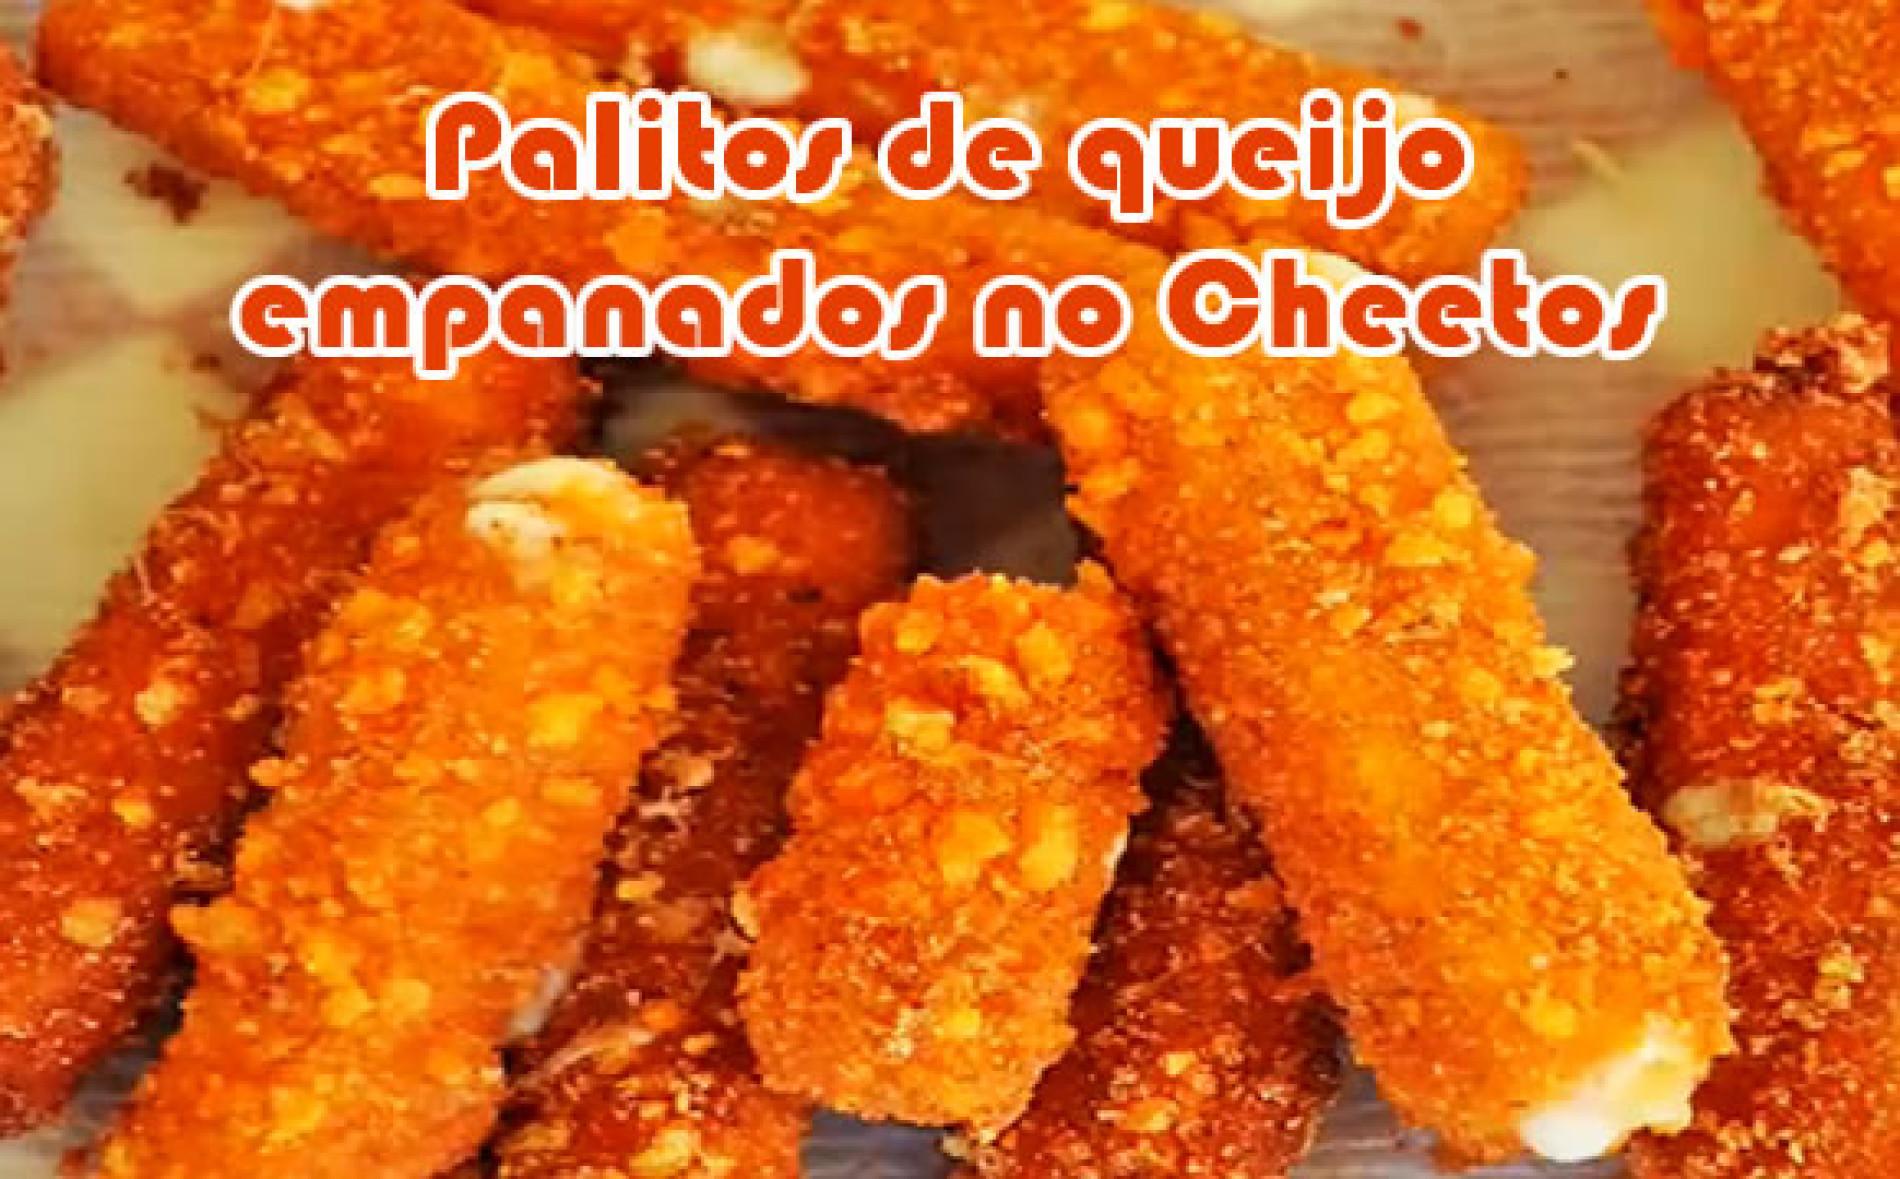 Receita de queijo empanado com Cheetos